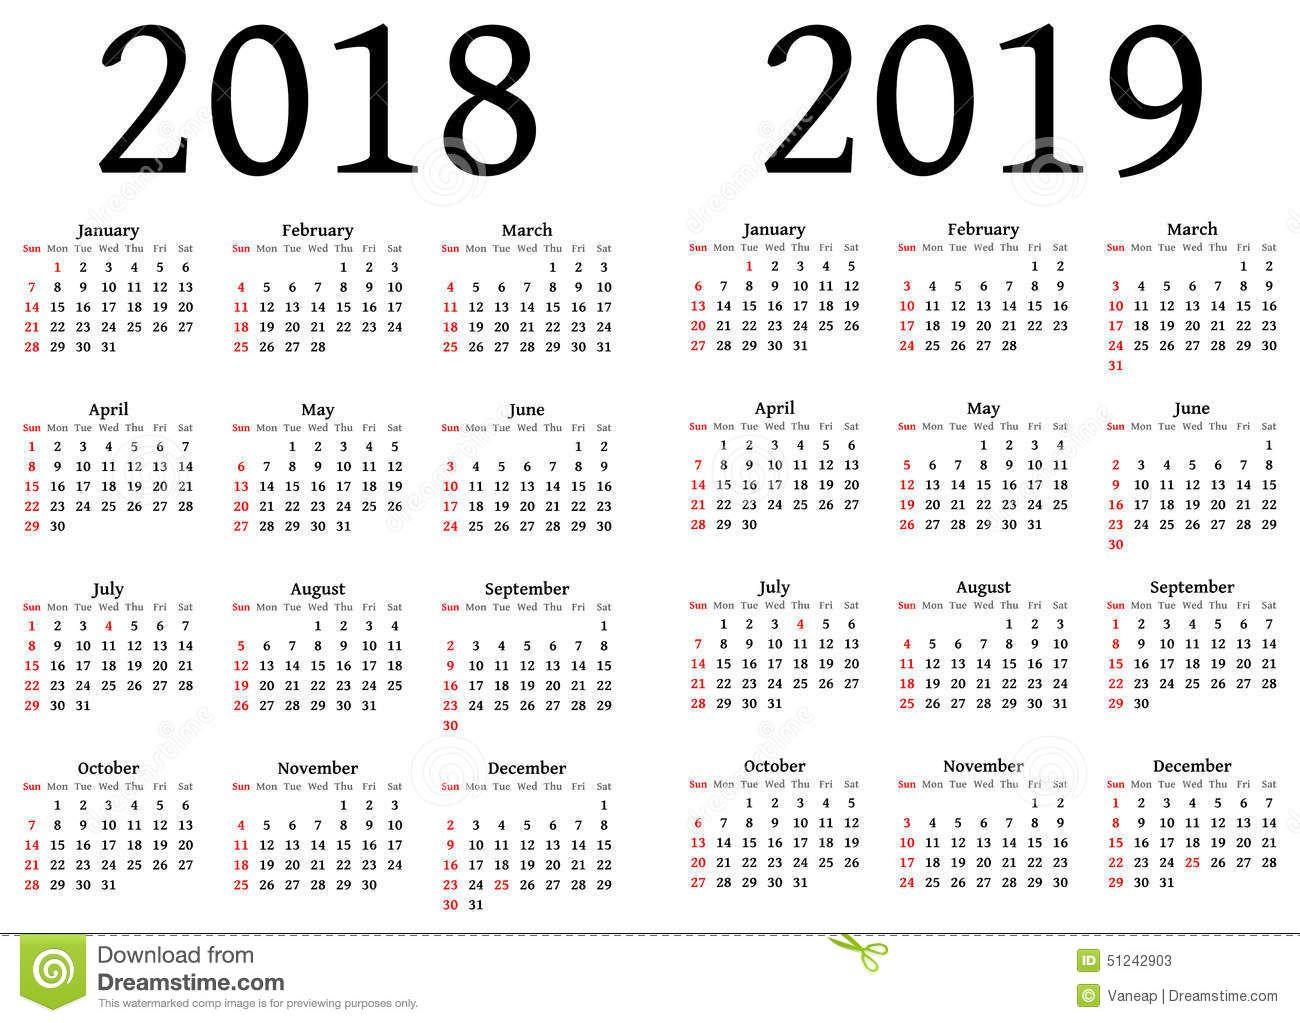 Le calendrier 2018 2019!